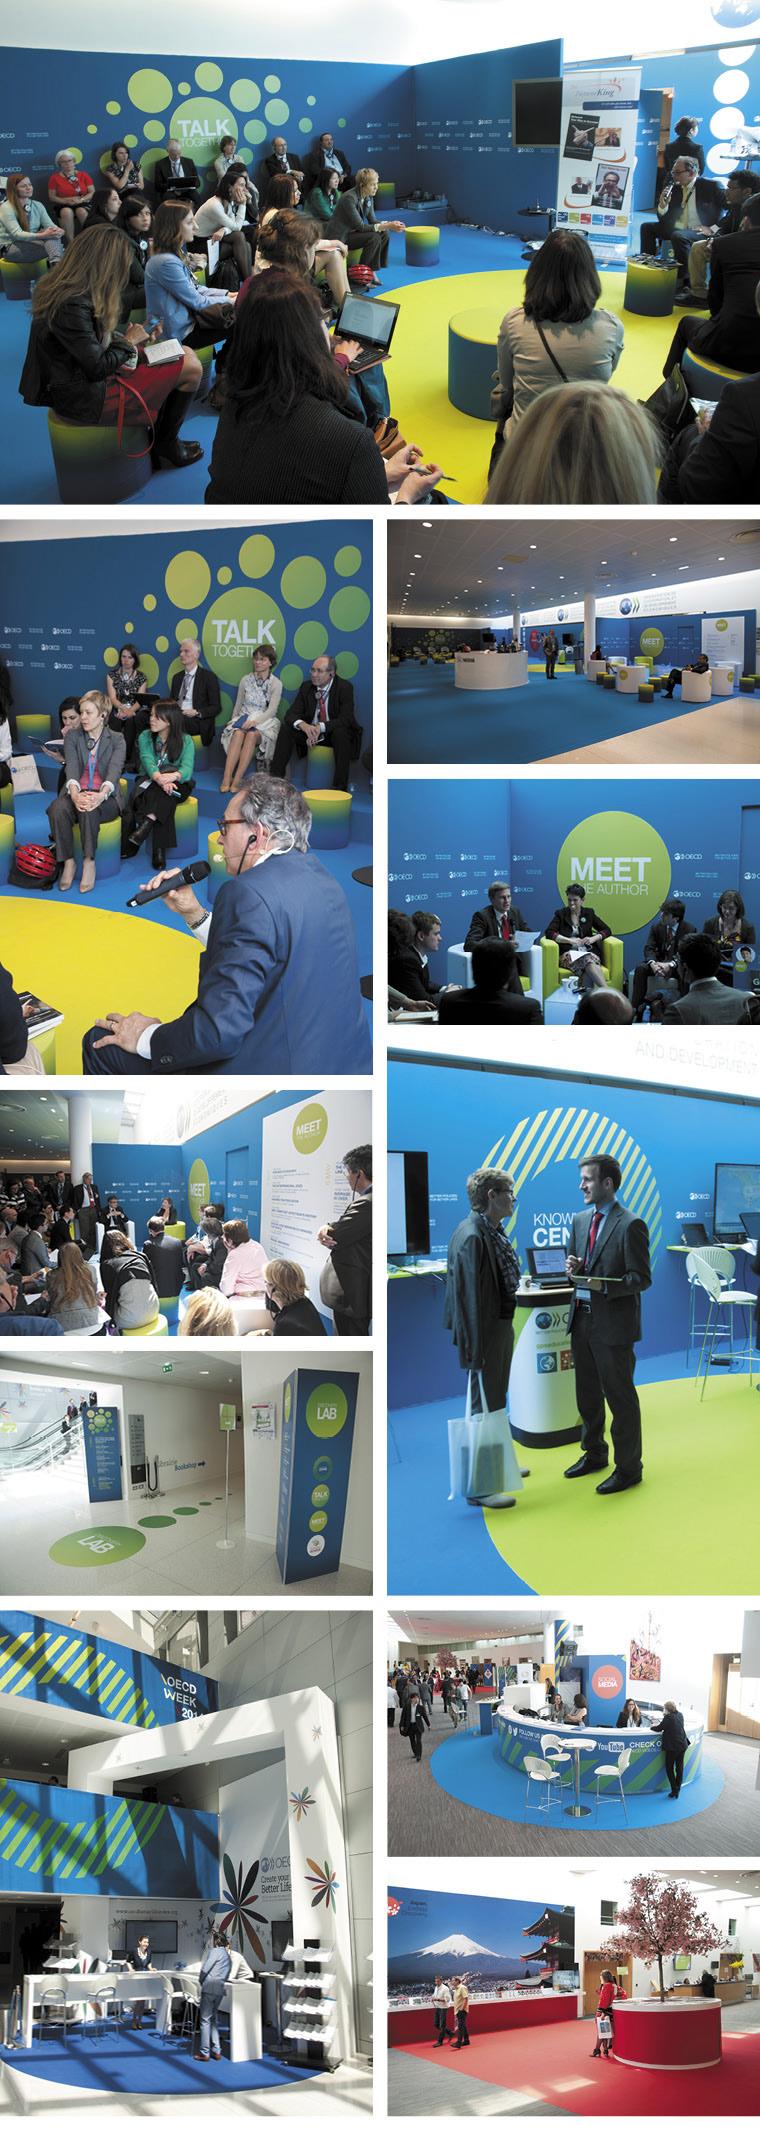 OCDE week 2014 photo